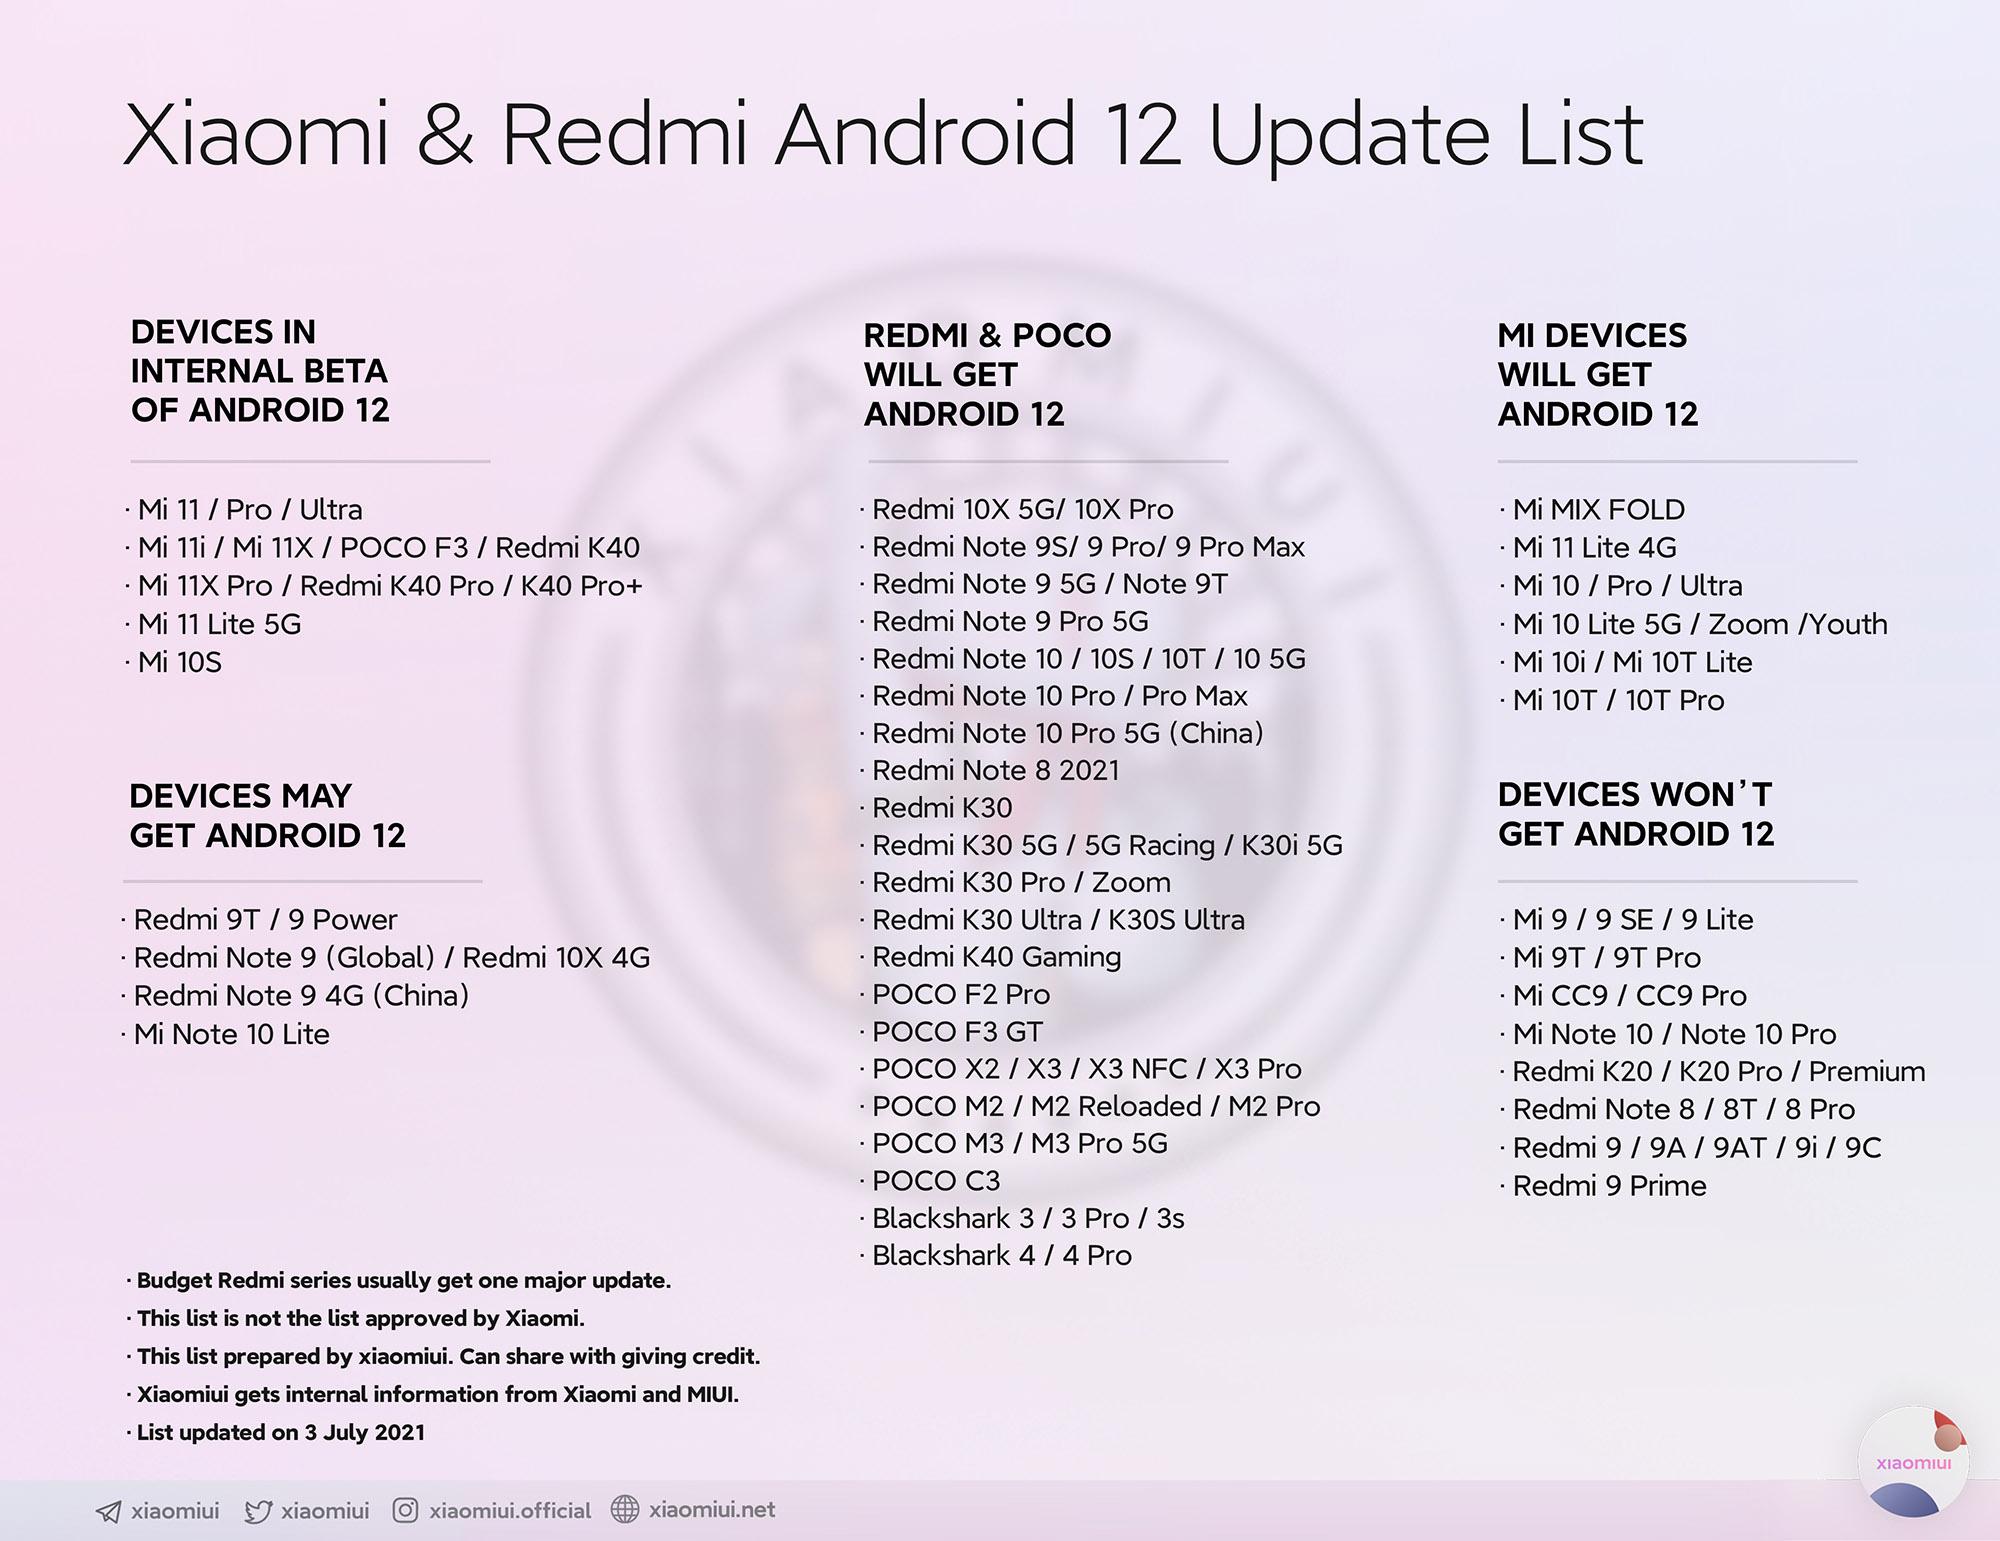 Daftar HP Xiaomi yang mendapat update Android 12